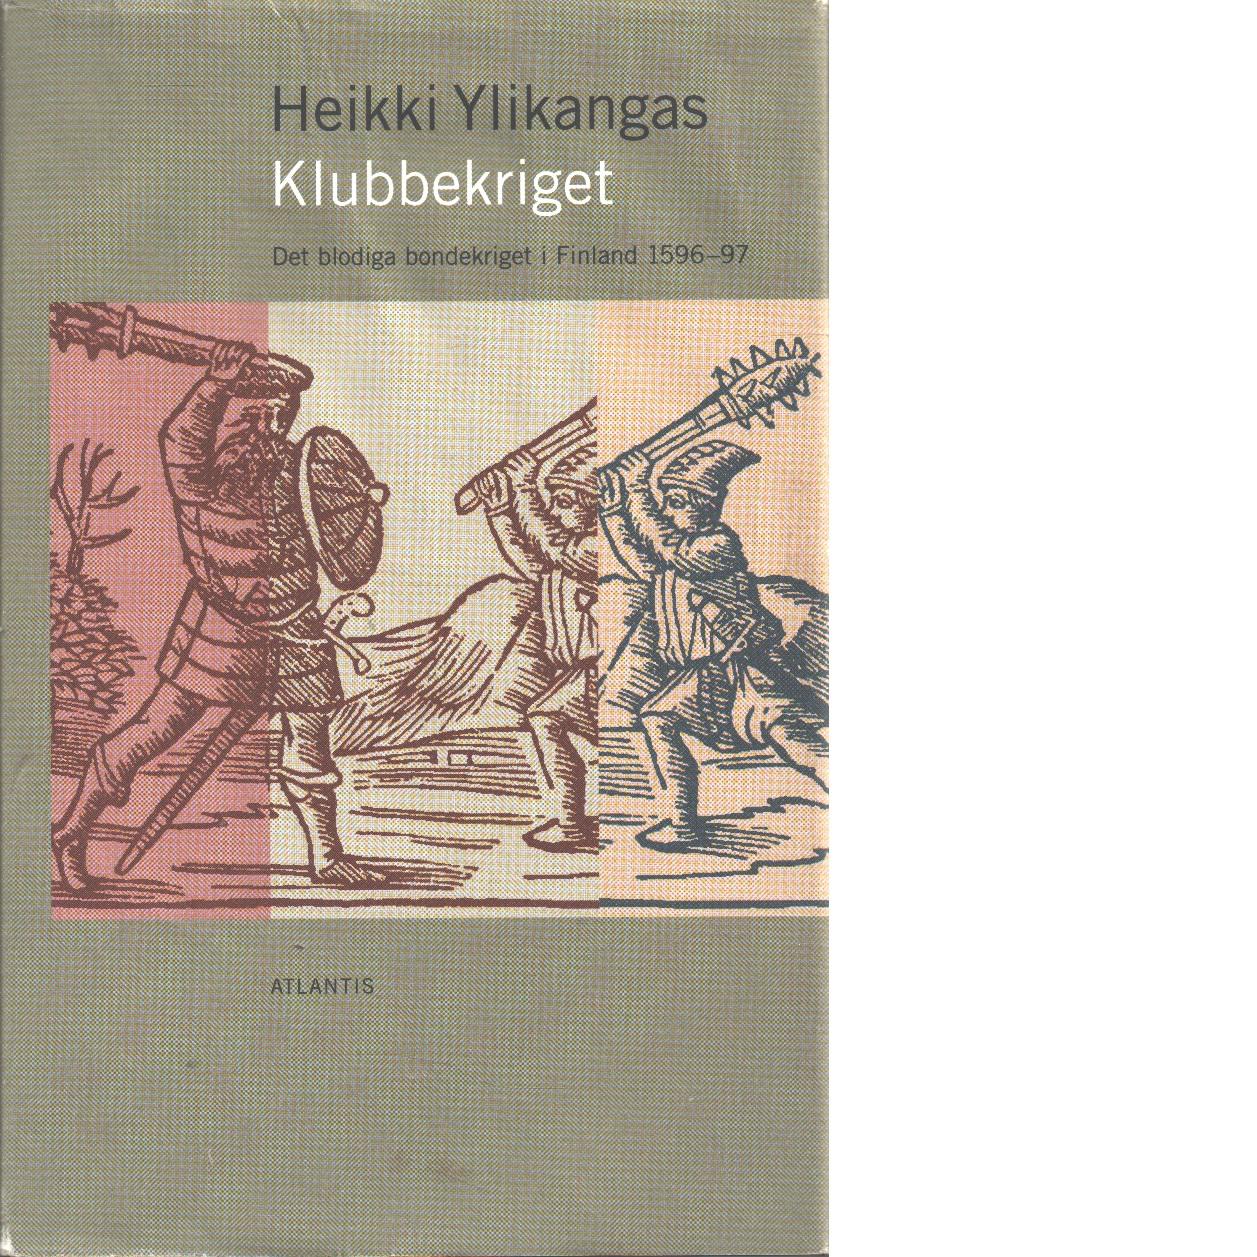 Klubbekriget : det blodiga bondekriget i Finland 1596-97 - Ylikangas, Heikk och Hulden, Mats